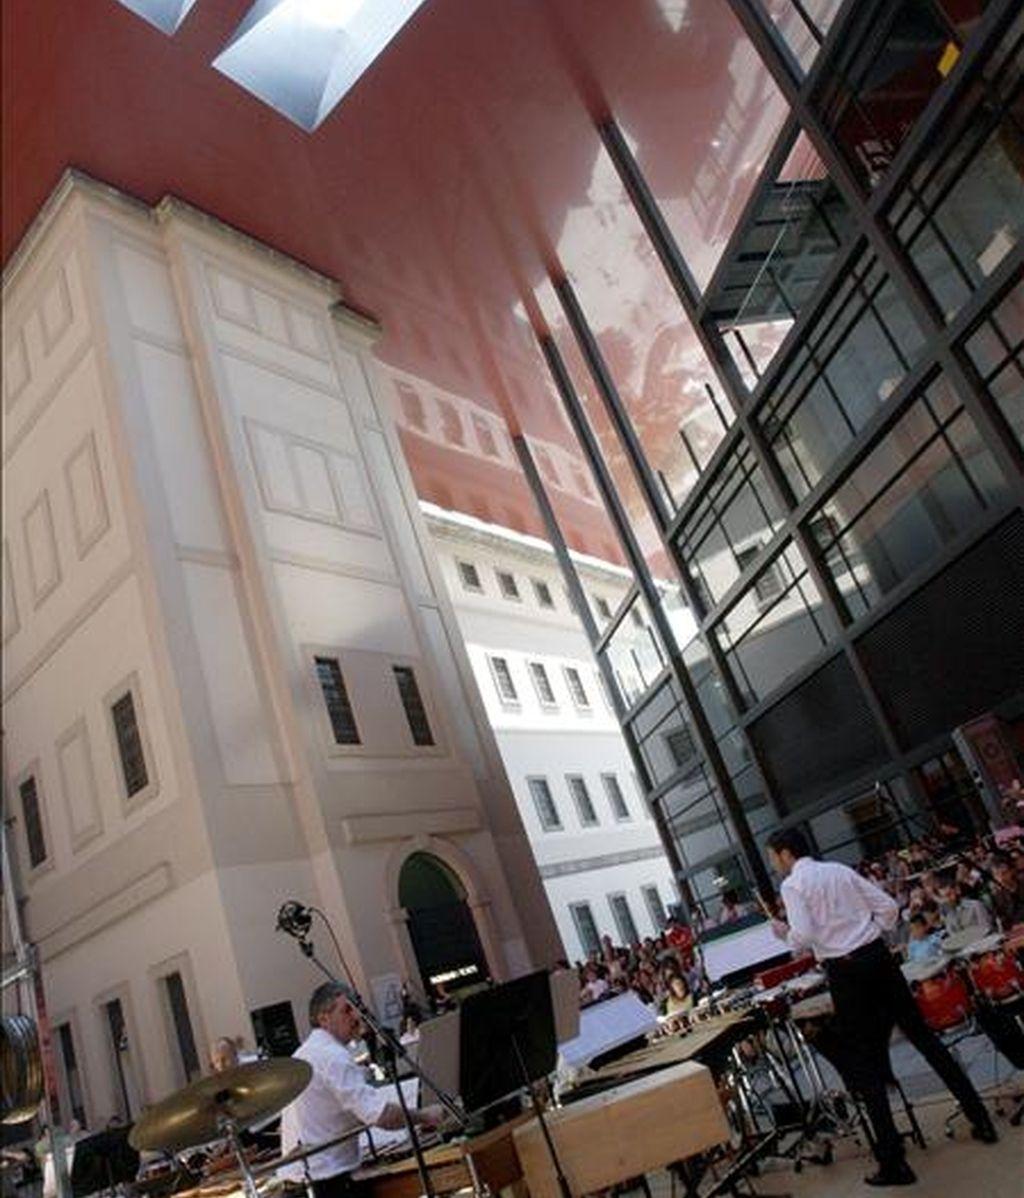 Representación del grupo Neopercusión, en el Patio Nouvel del Museo Nacional Centro de Arte Reina Sofía, con motivo de los actos programados del Día de la Música. EFE